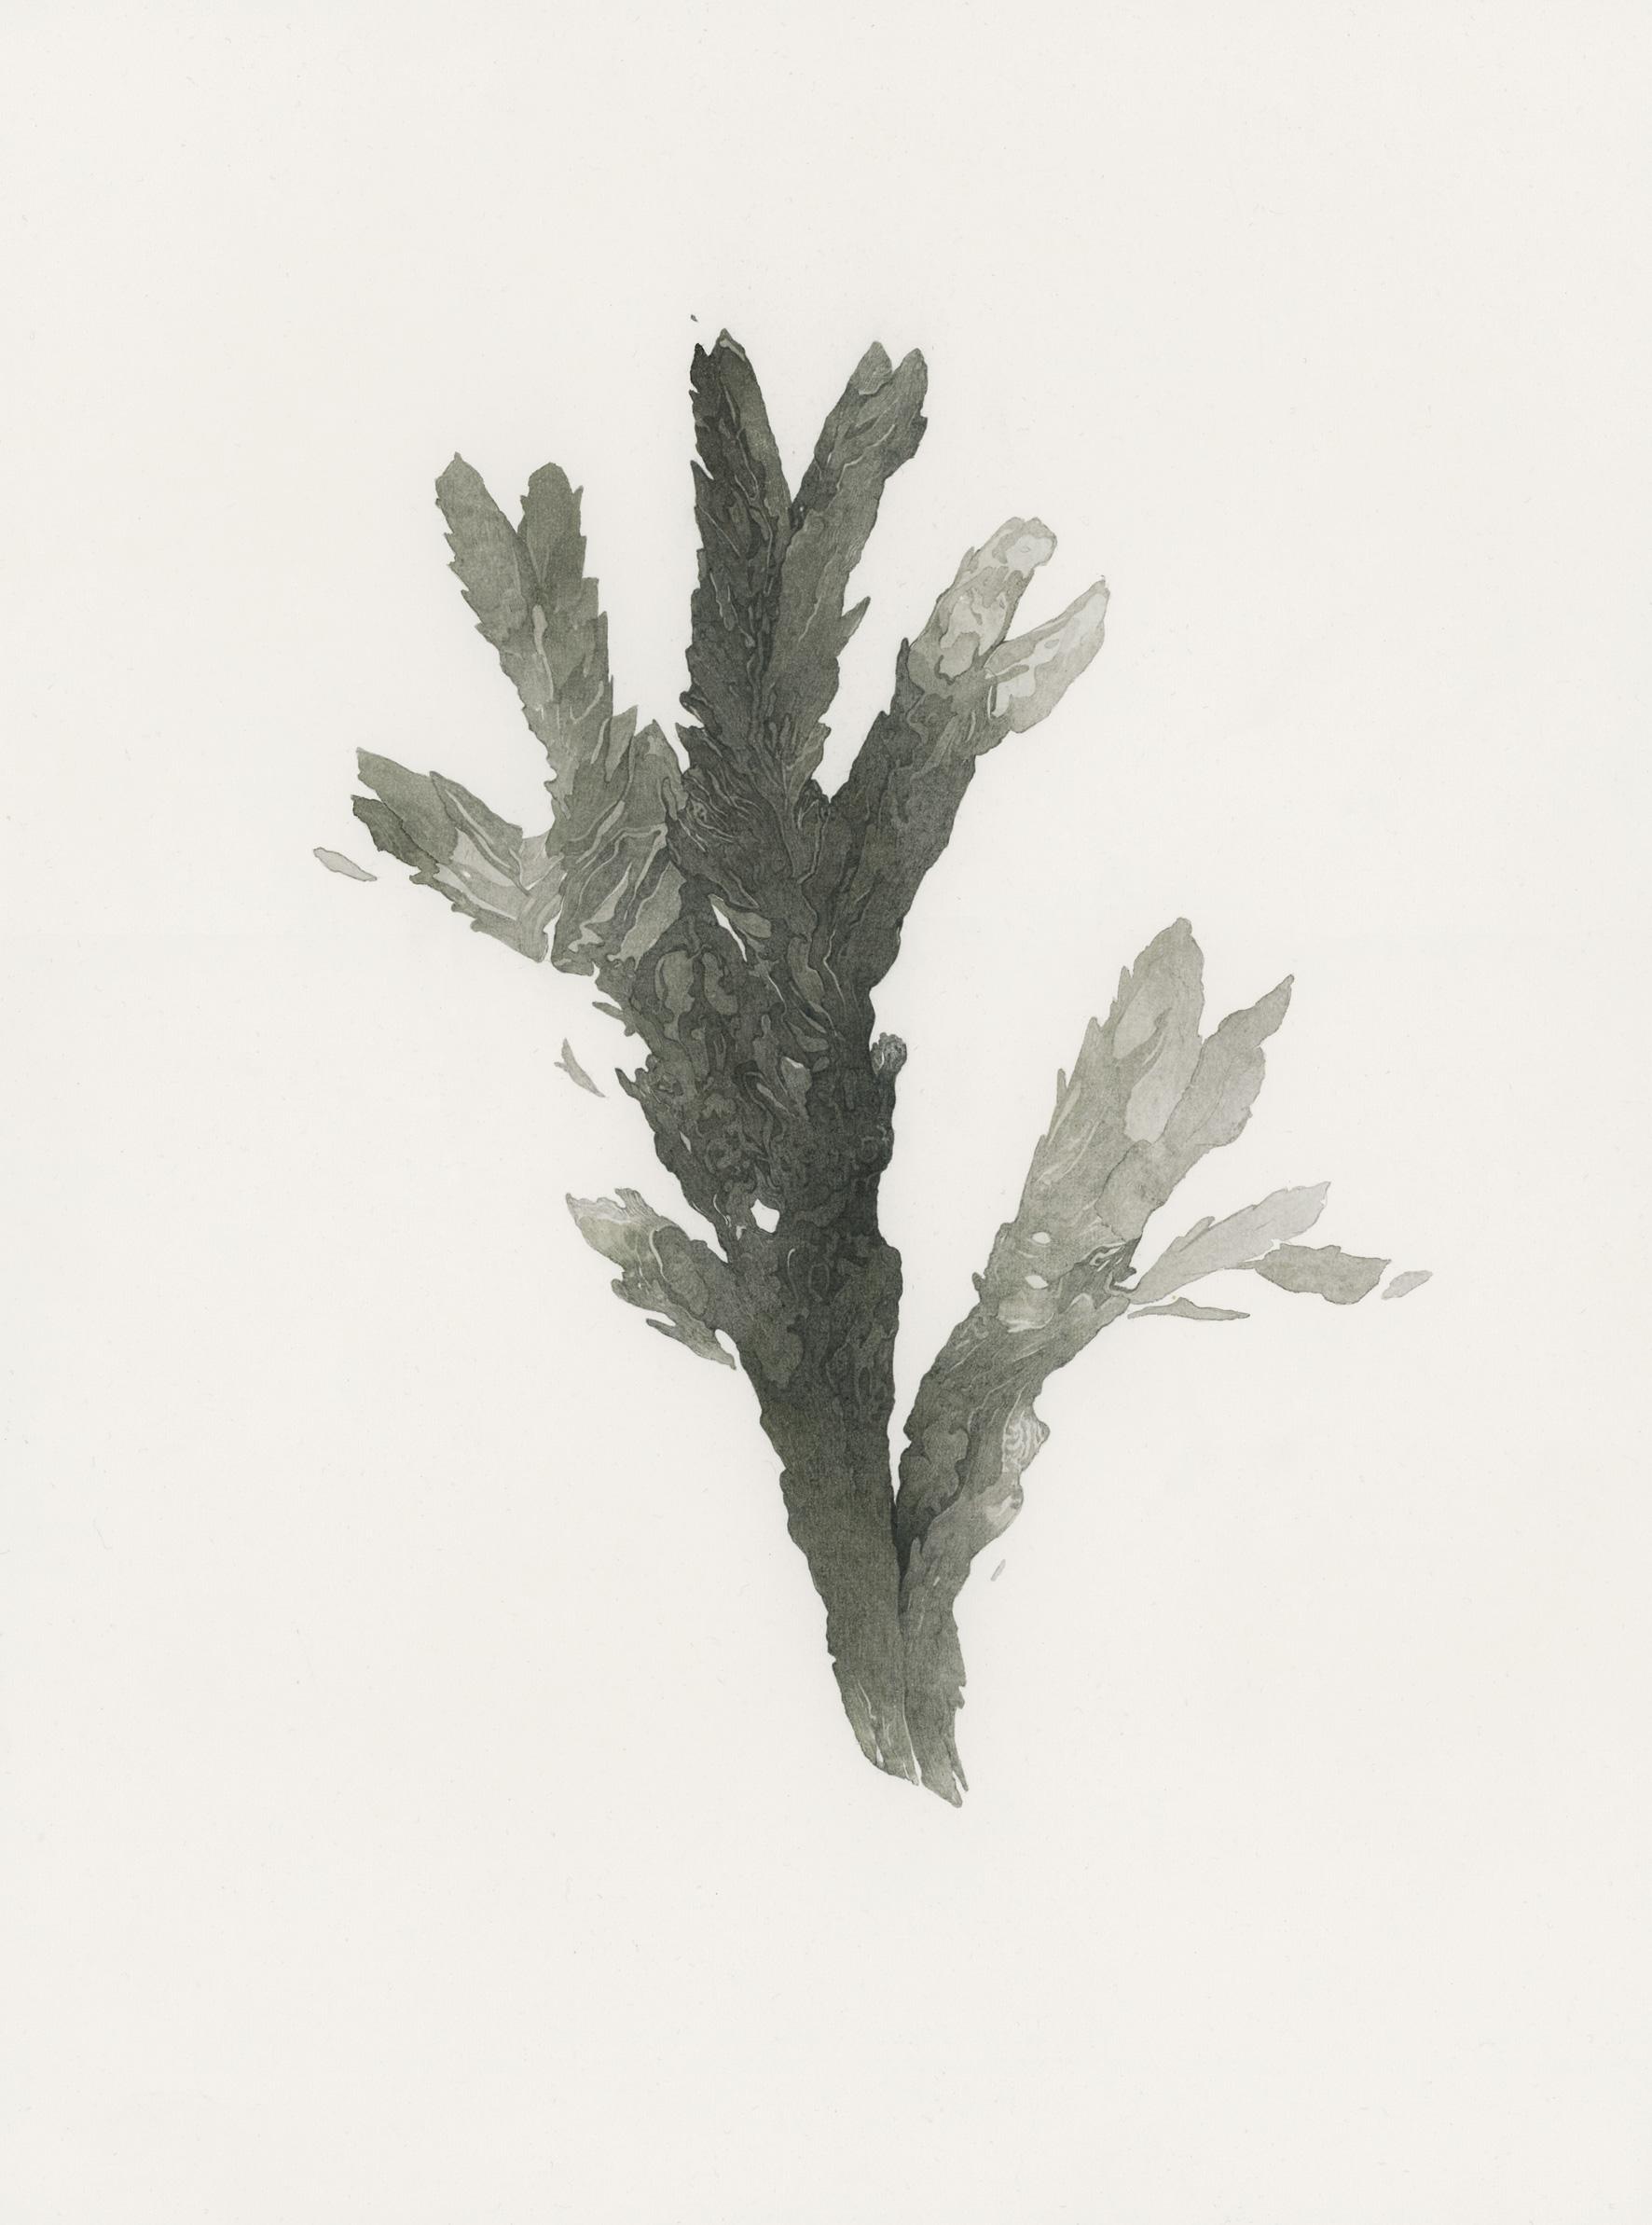 Mélanie Delattre-Vogt,  Parlez-moi de votre panthère , Paris-Frankfurt-Den Haag, aquarelle, encre, sang et crayon gris sur papier, 31 x 23 cm, 2017.